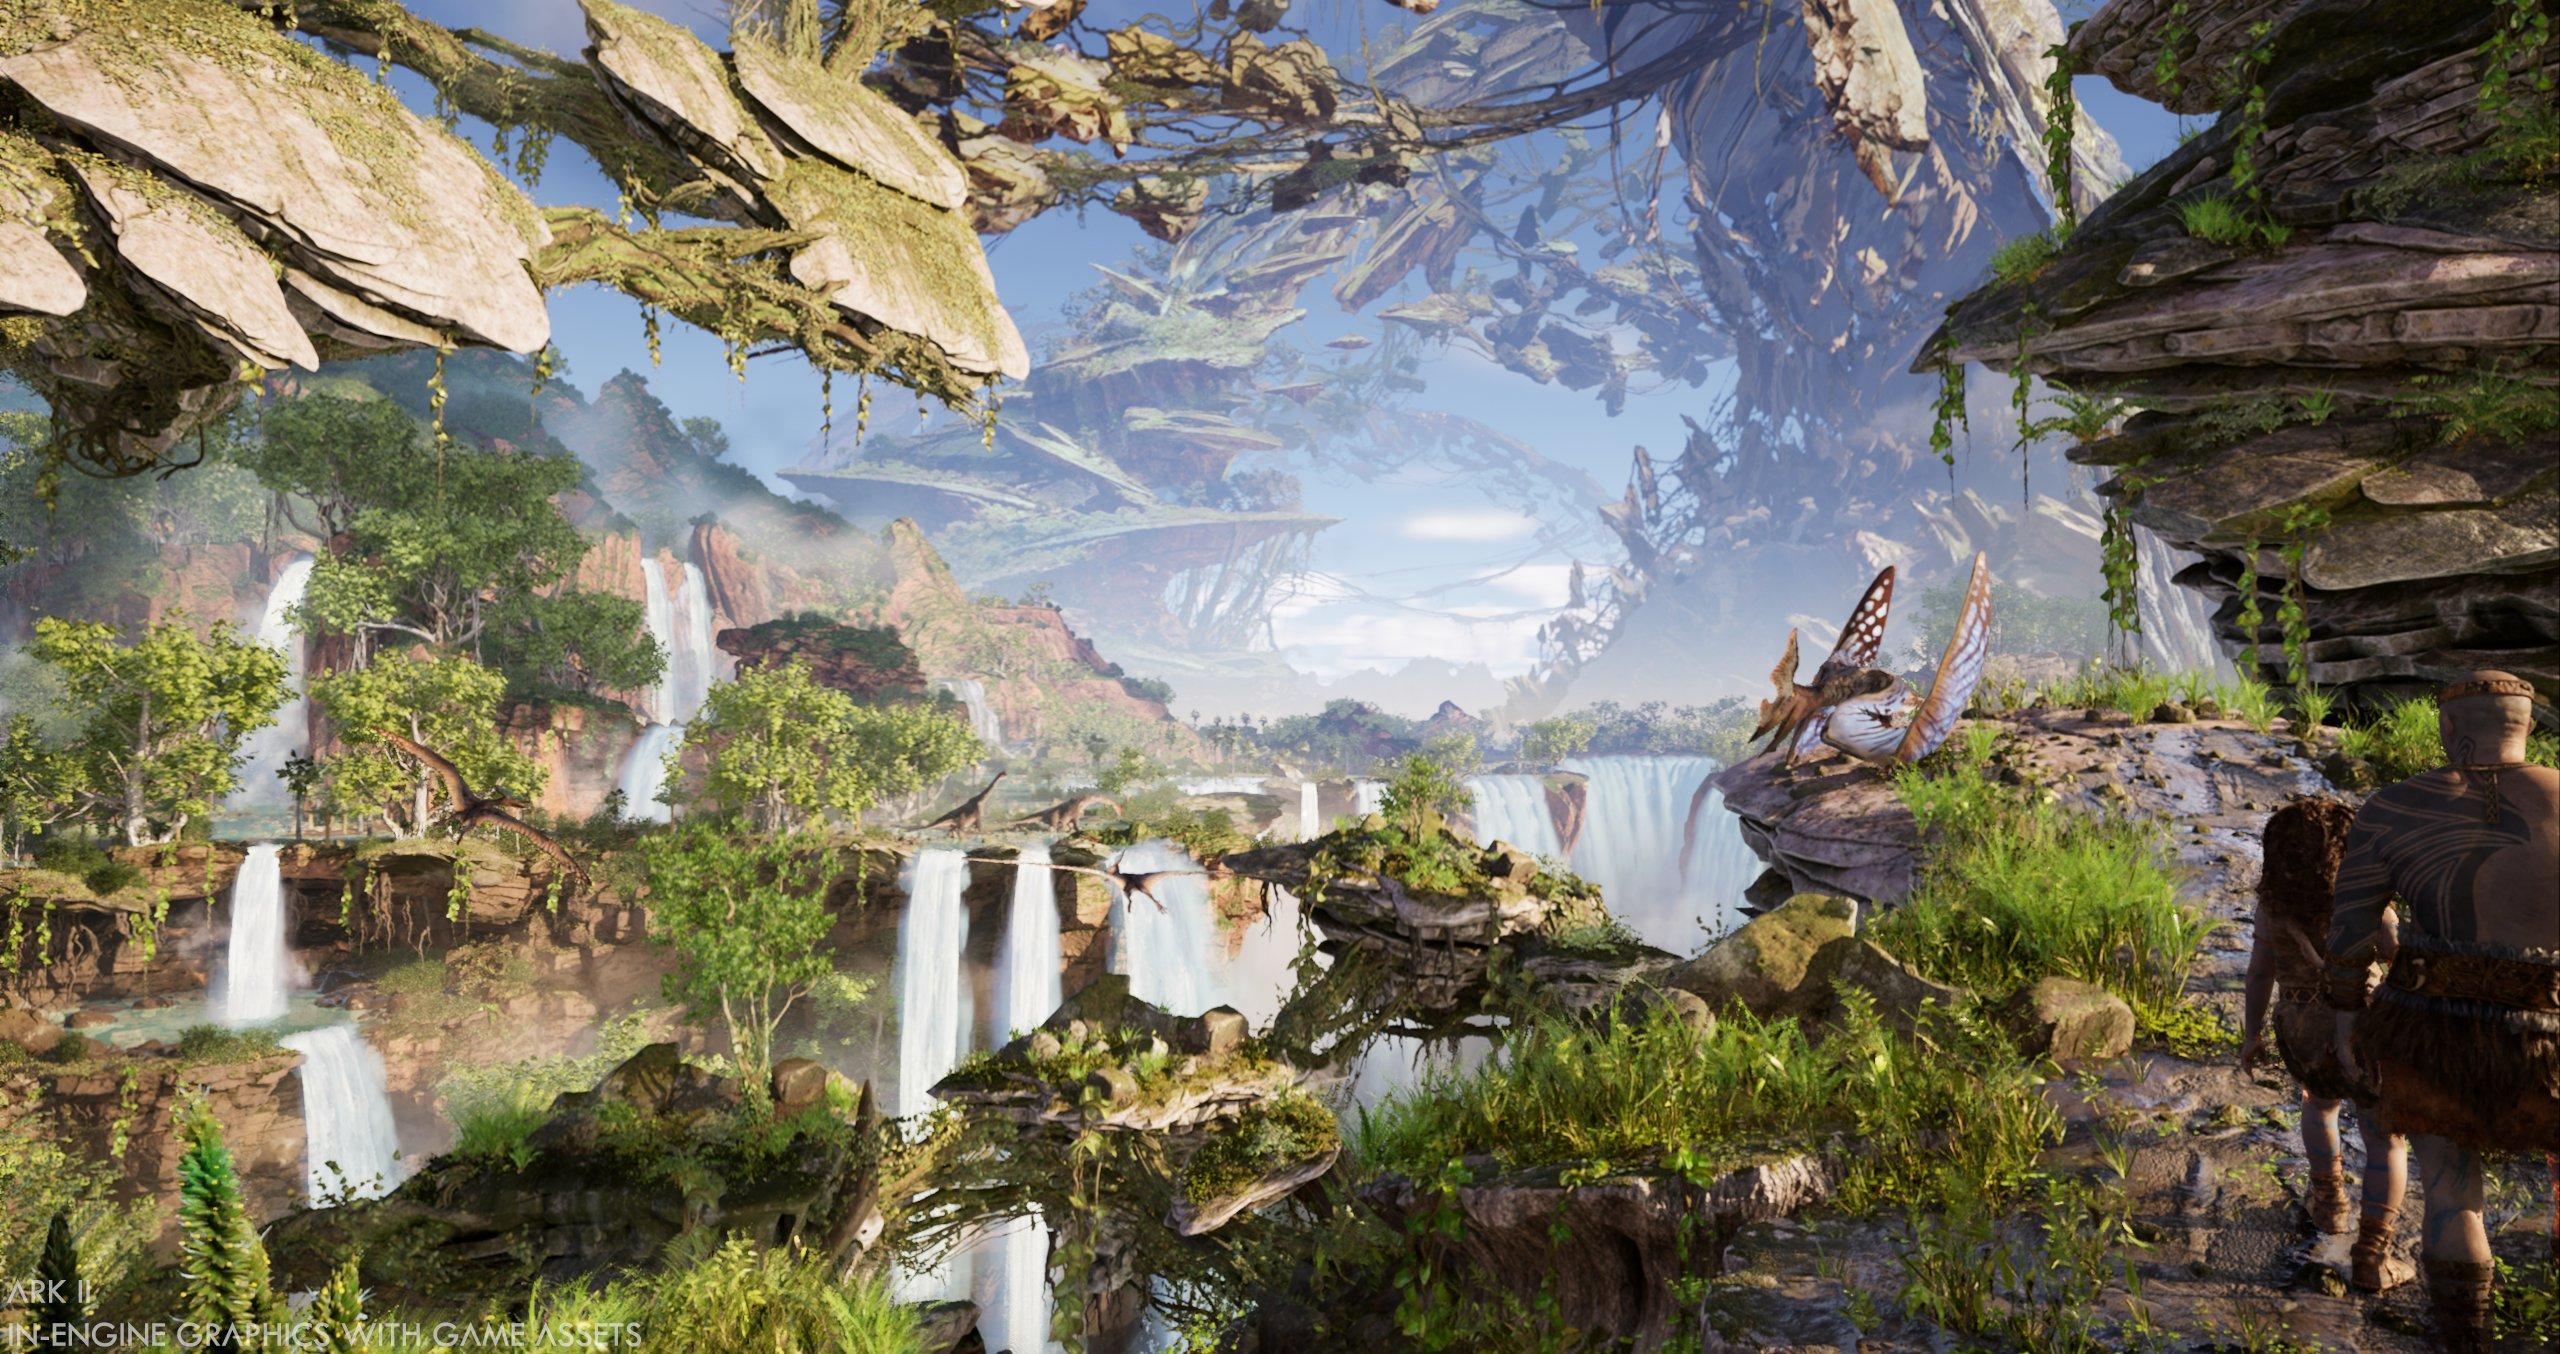 《方舟2》主机版将是Xbox Series X|S限时独占 2022年发售